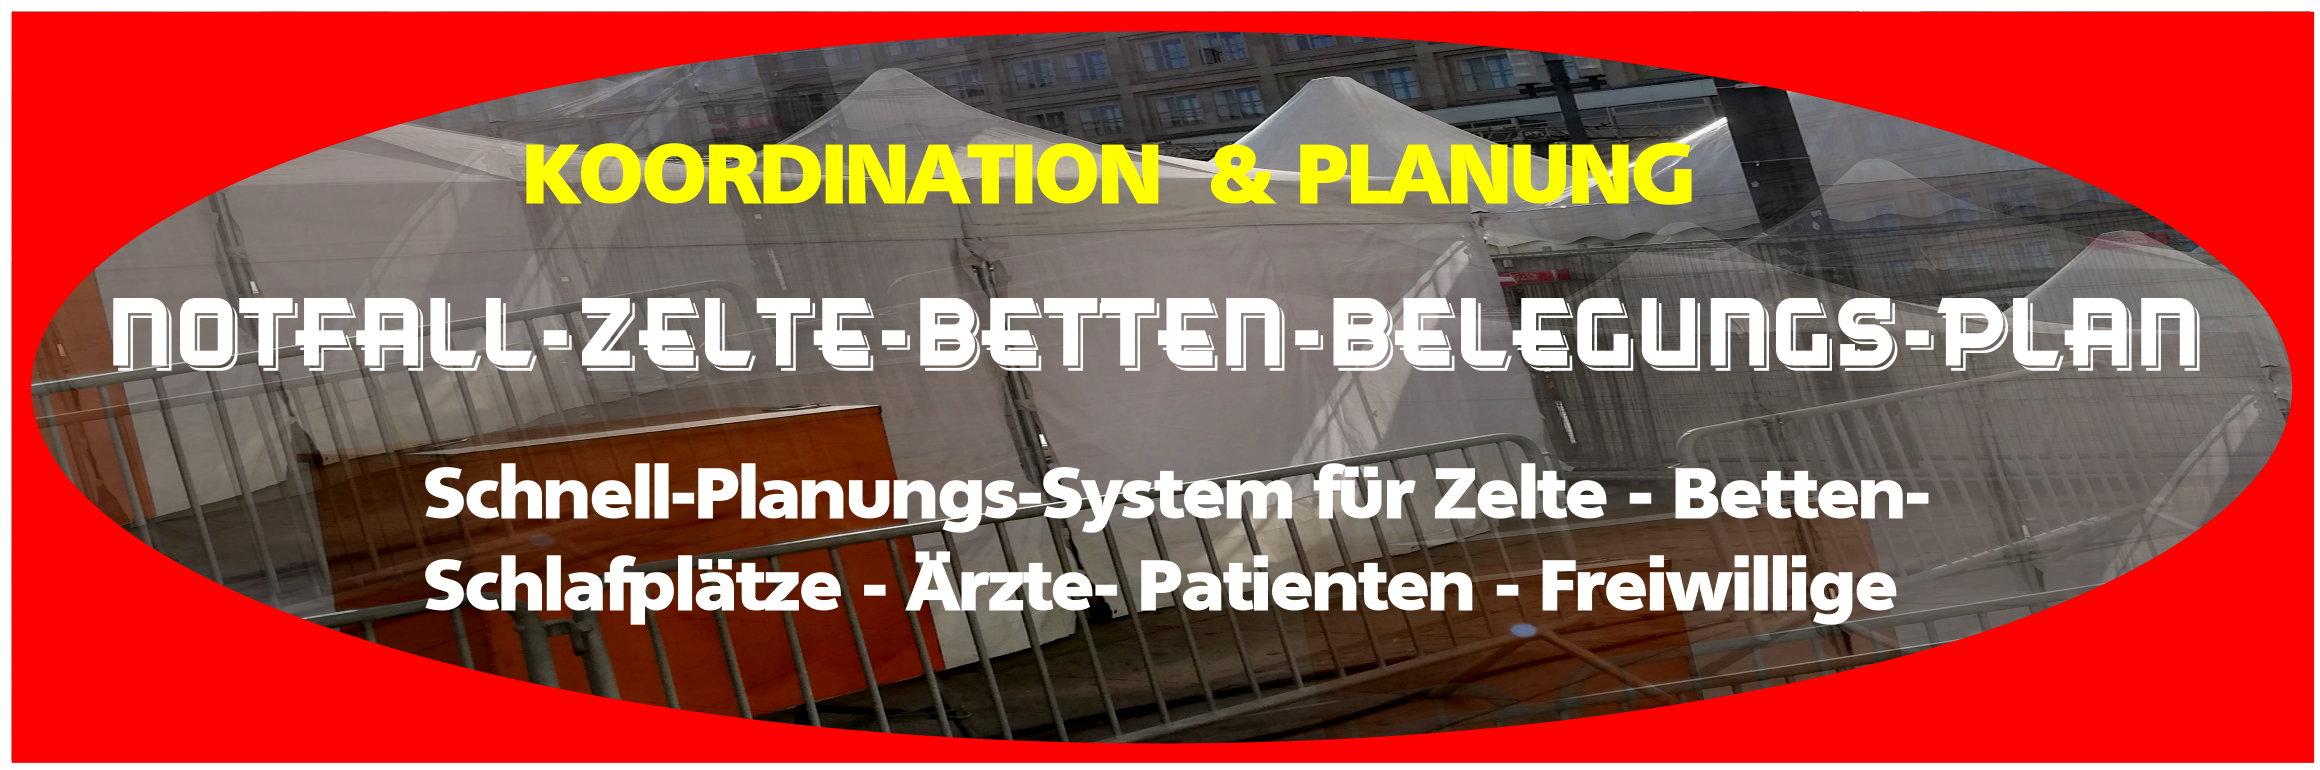 Notfall-Zelte-Betten-Planungs-System